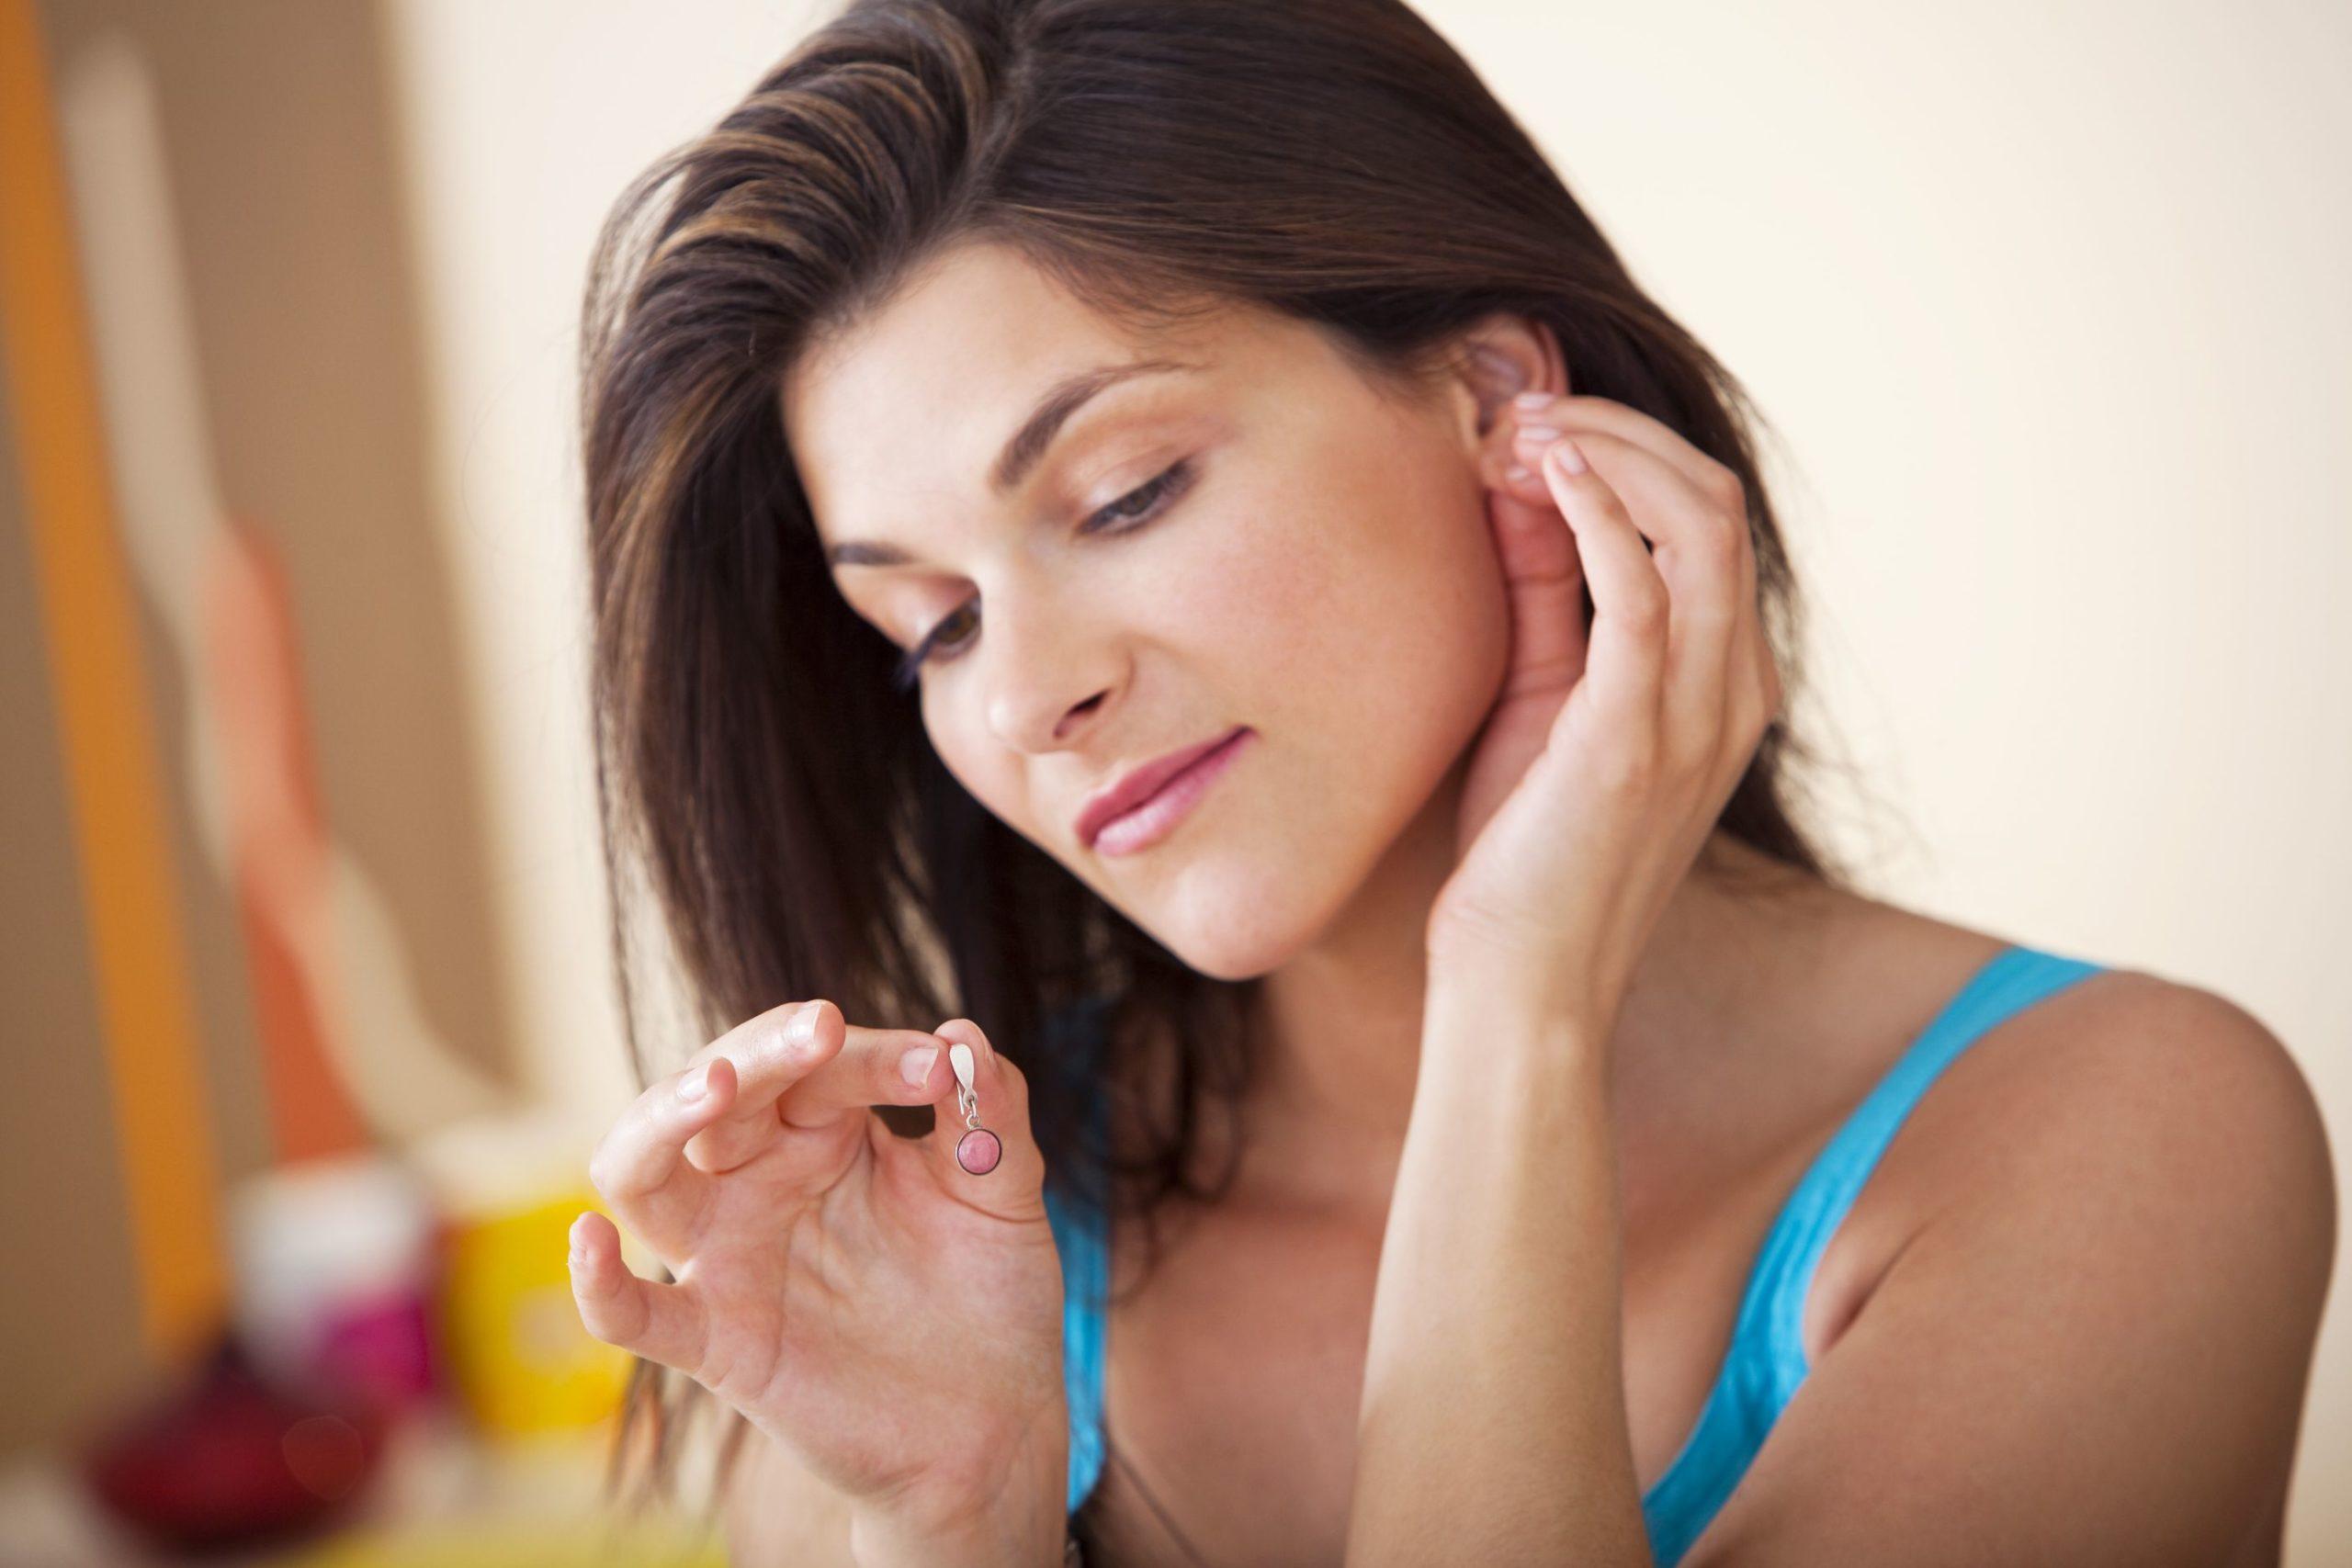 Inflamación por aretes en dermatología